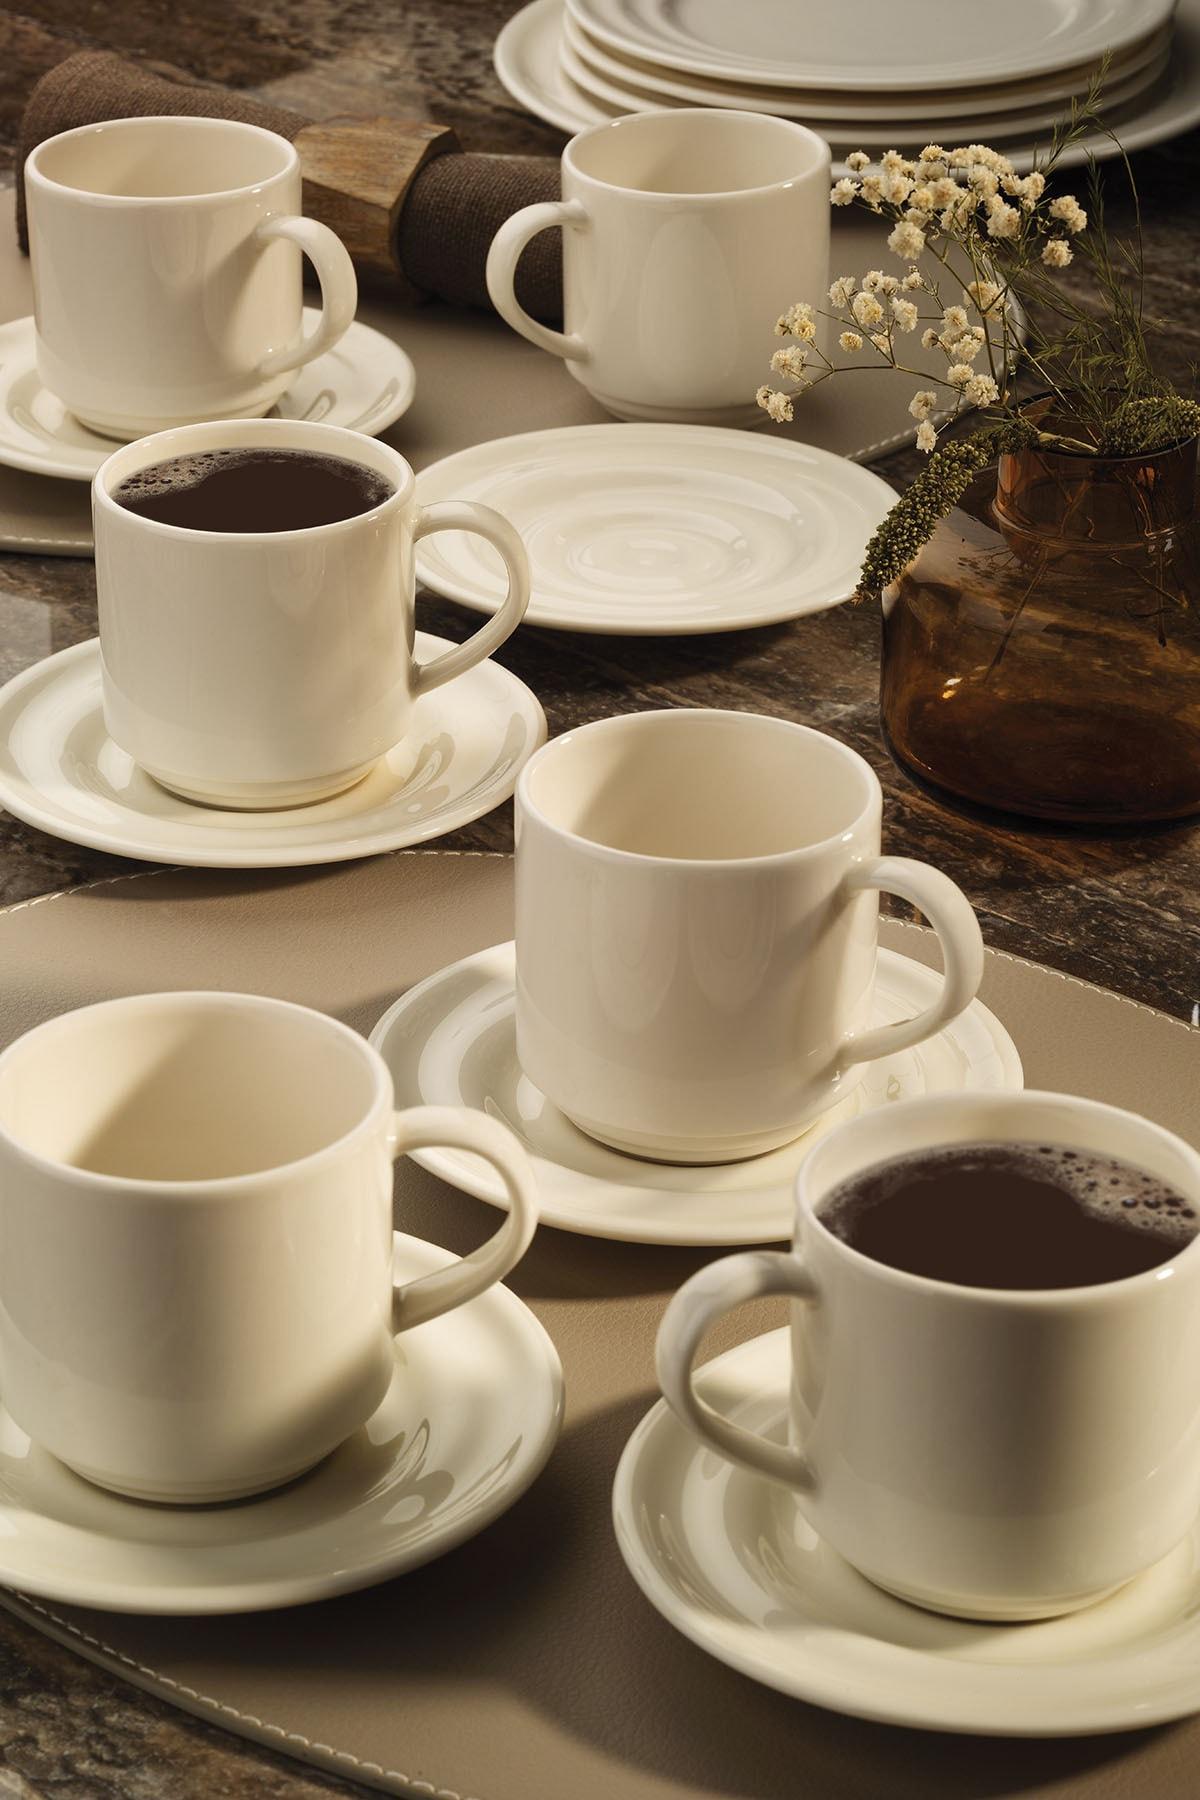 Kütahya Porselen Tuvana Çay Takımı Krem 1